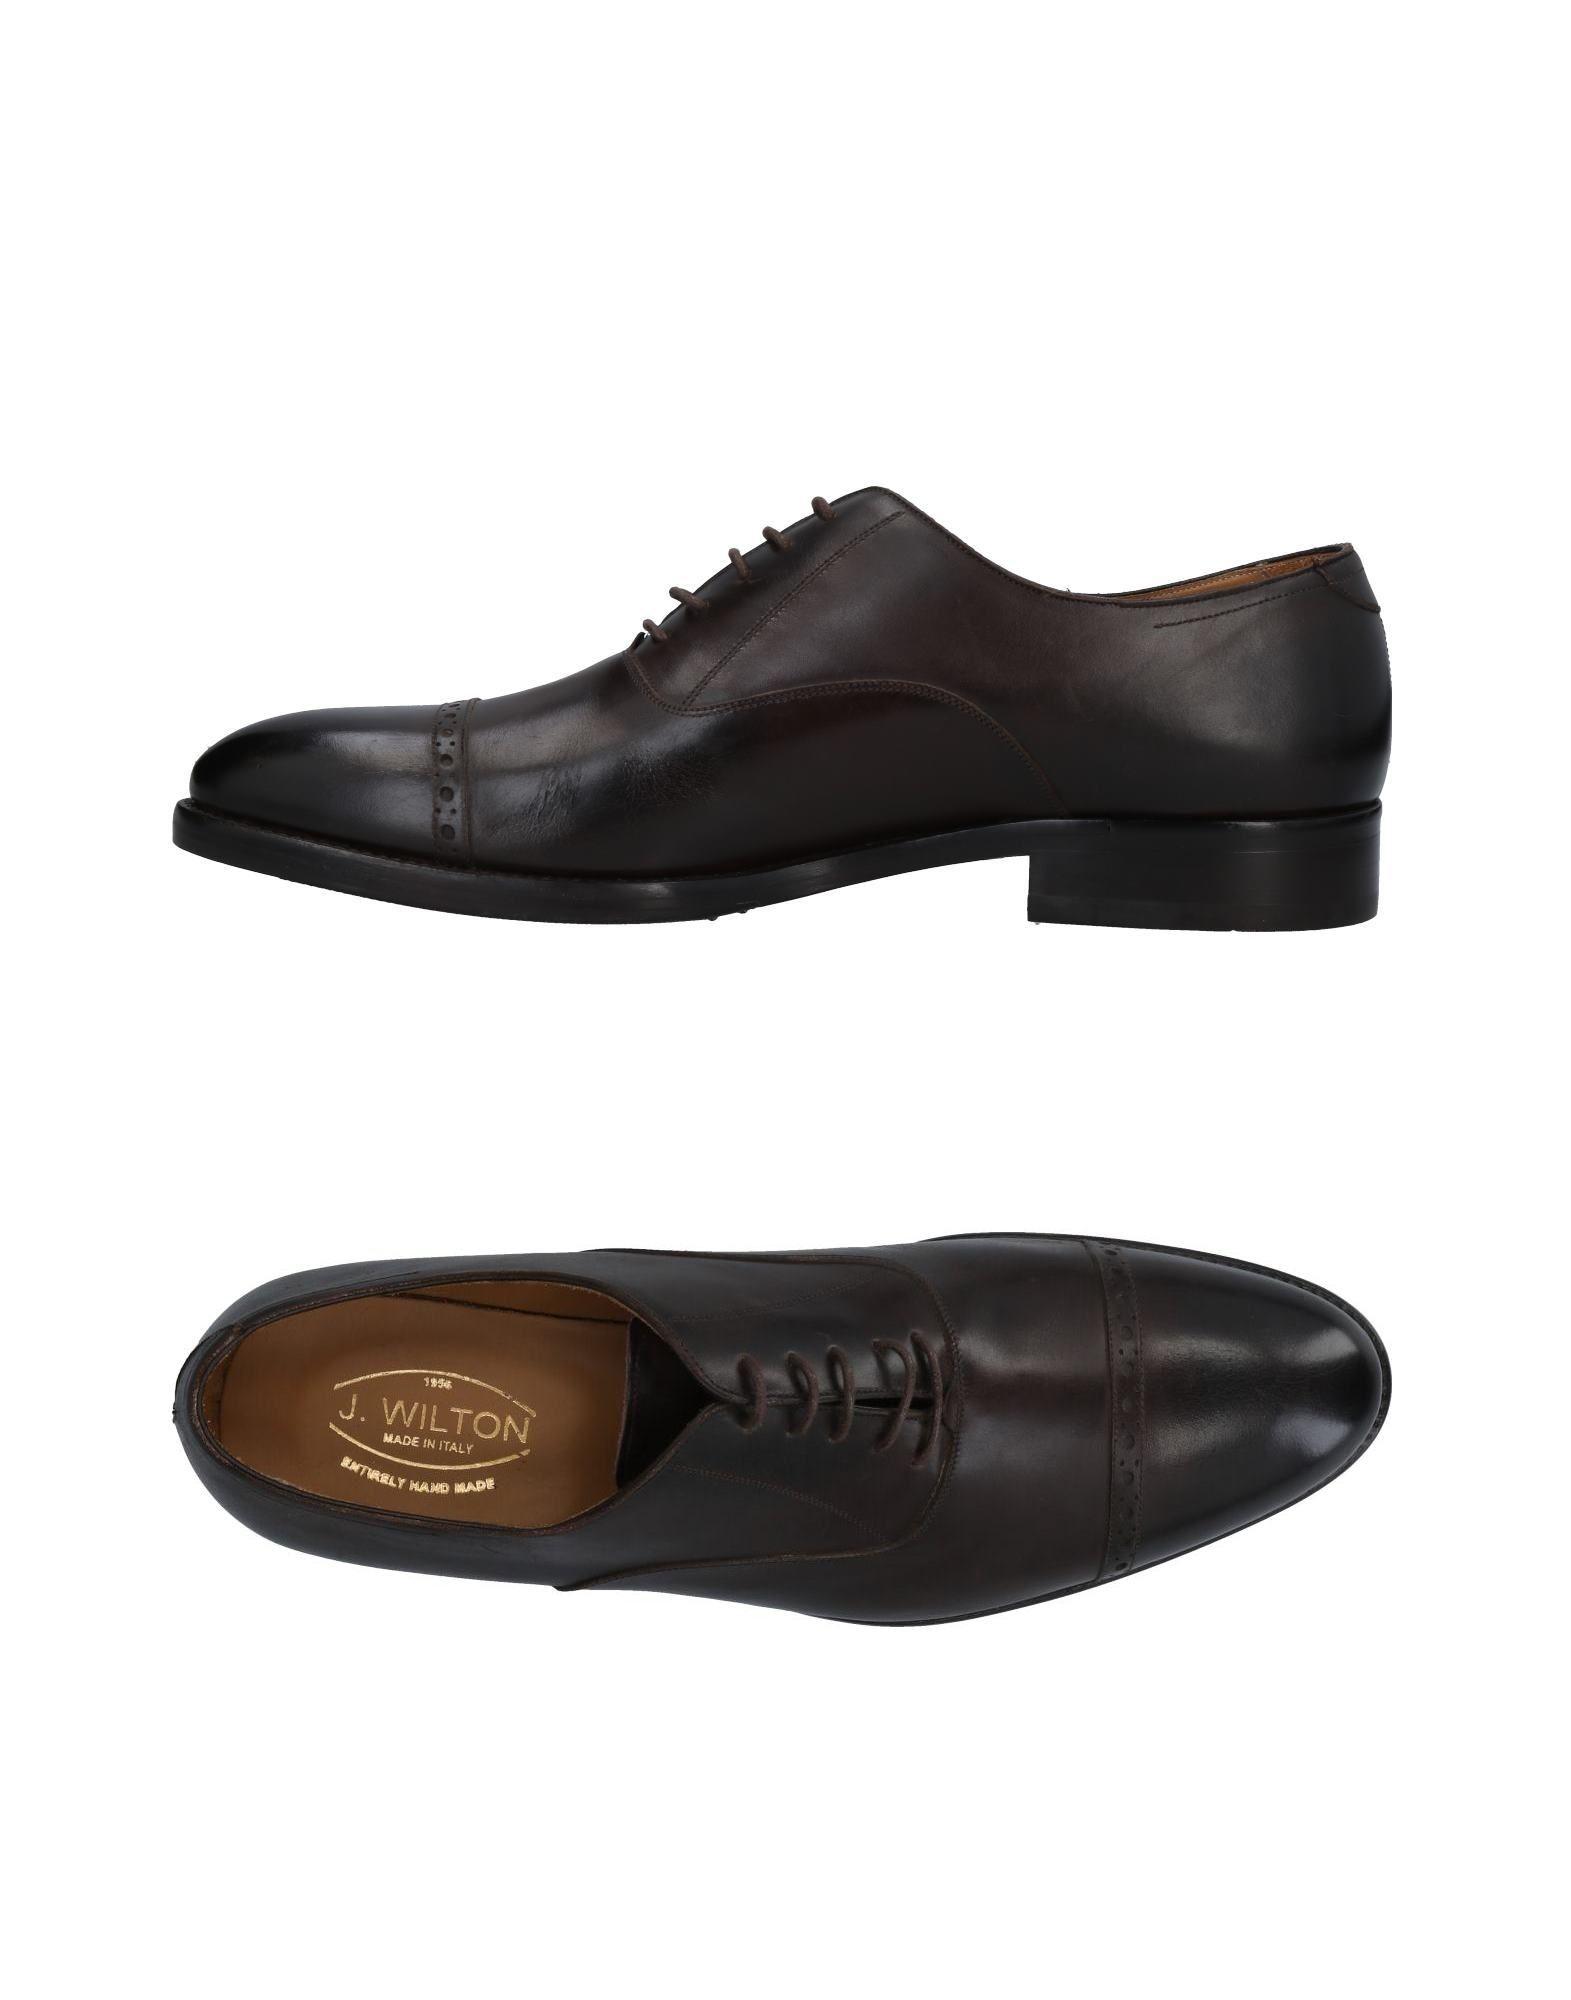 Rabatt echte Schuhe J.Wilton Schnürschuhe  Herren  Schnürschuhe 11481367EV eafbaf